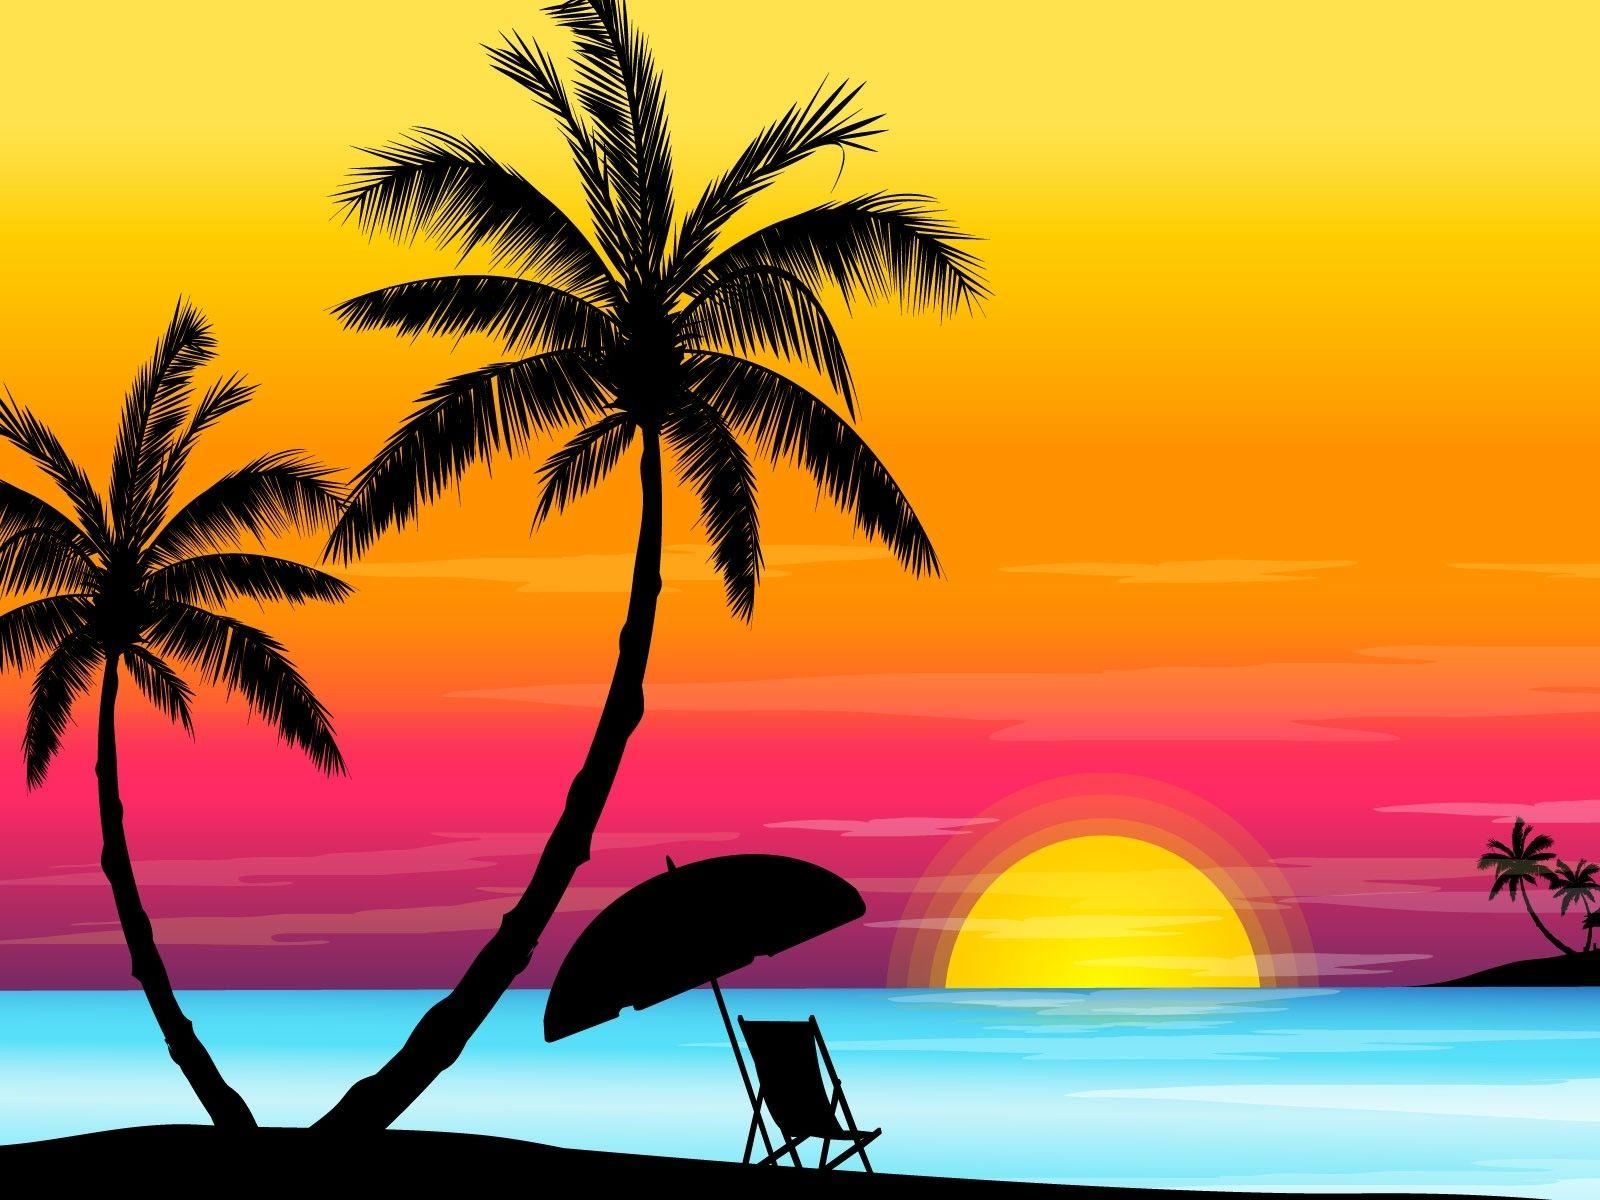 Sunset Vector Shadows Palm Trees 1920x1200 Wallpaper Art Hd